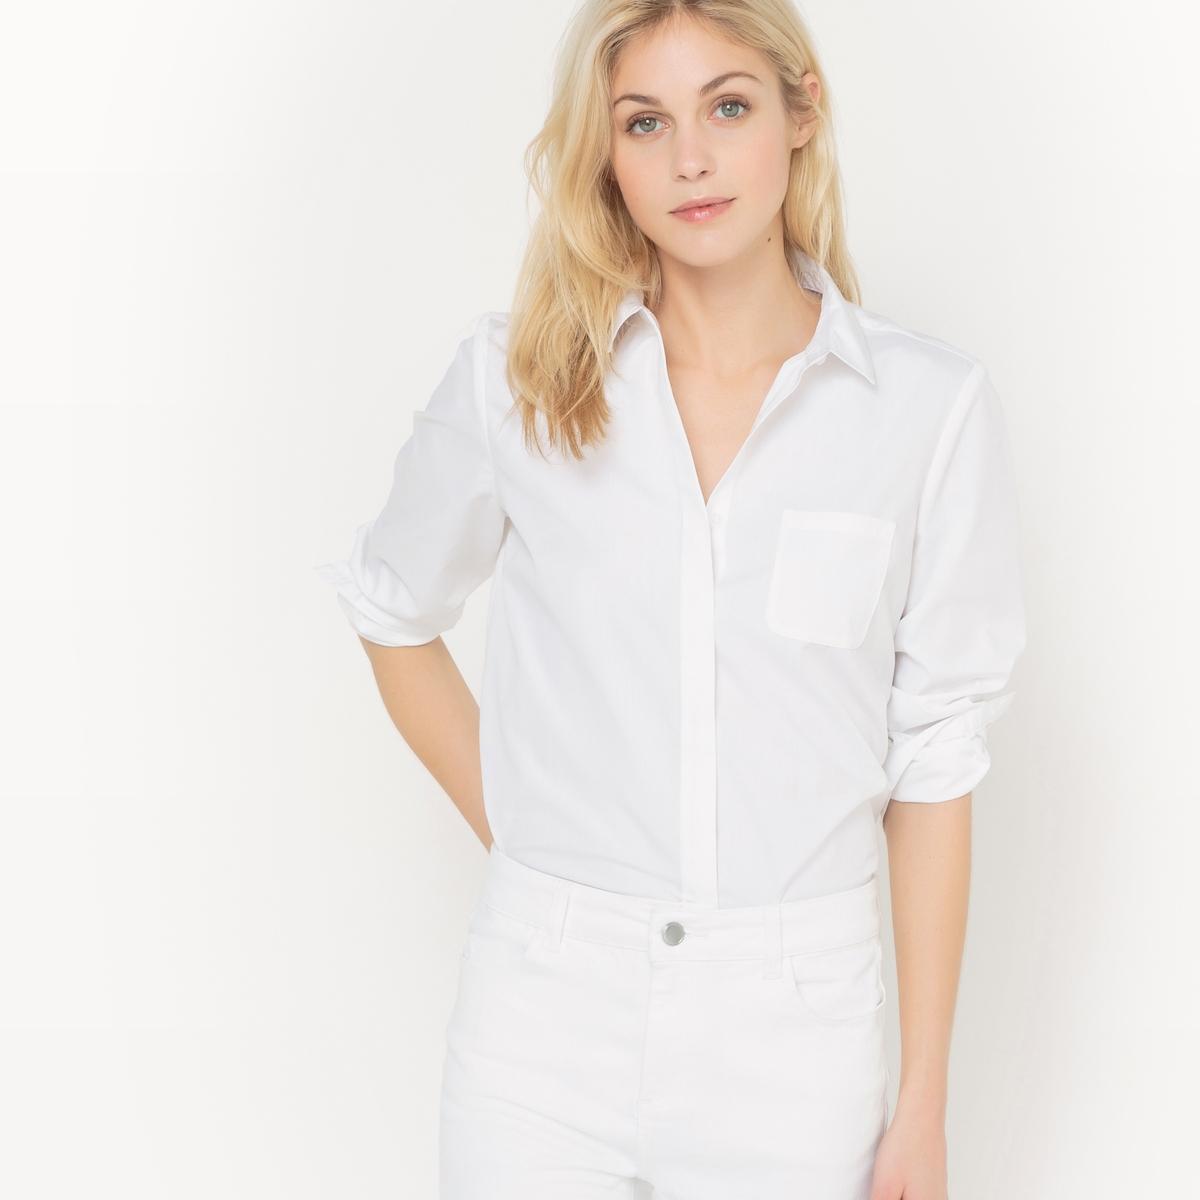 Рубашка прямого покроя из хлопкаДетали  •  Длинные рукава • Покрой прямой •  Рубашечный воротник-полоСостав и уход •  69% хлопка, 3% эластана, 28% полиамида •  Стирать при температуре 30° •  Сухая чистка и отбеливание запрещены   •  Не использовать барабанную сушку  •  Гладить при низкой температуре<br><br>Цвет: белый<br>Размер: 34 (FR) - 40 (RUS).50 (FR) - 56 (RUS).42 (FR) - 48 (RUS).40 (FR) - 46 (RUS).38 (FR) - 44 (RUS).36 (FR) - 42 (RUS).48 (FR) - 54 (RUS)